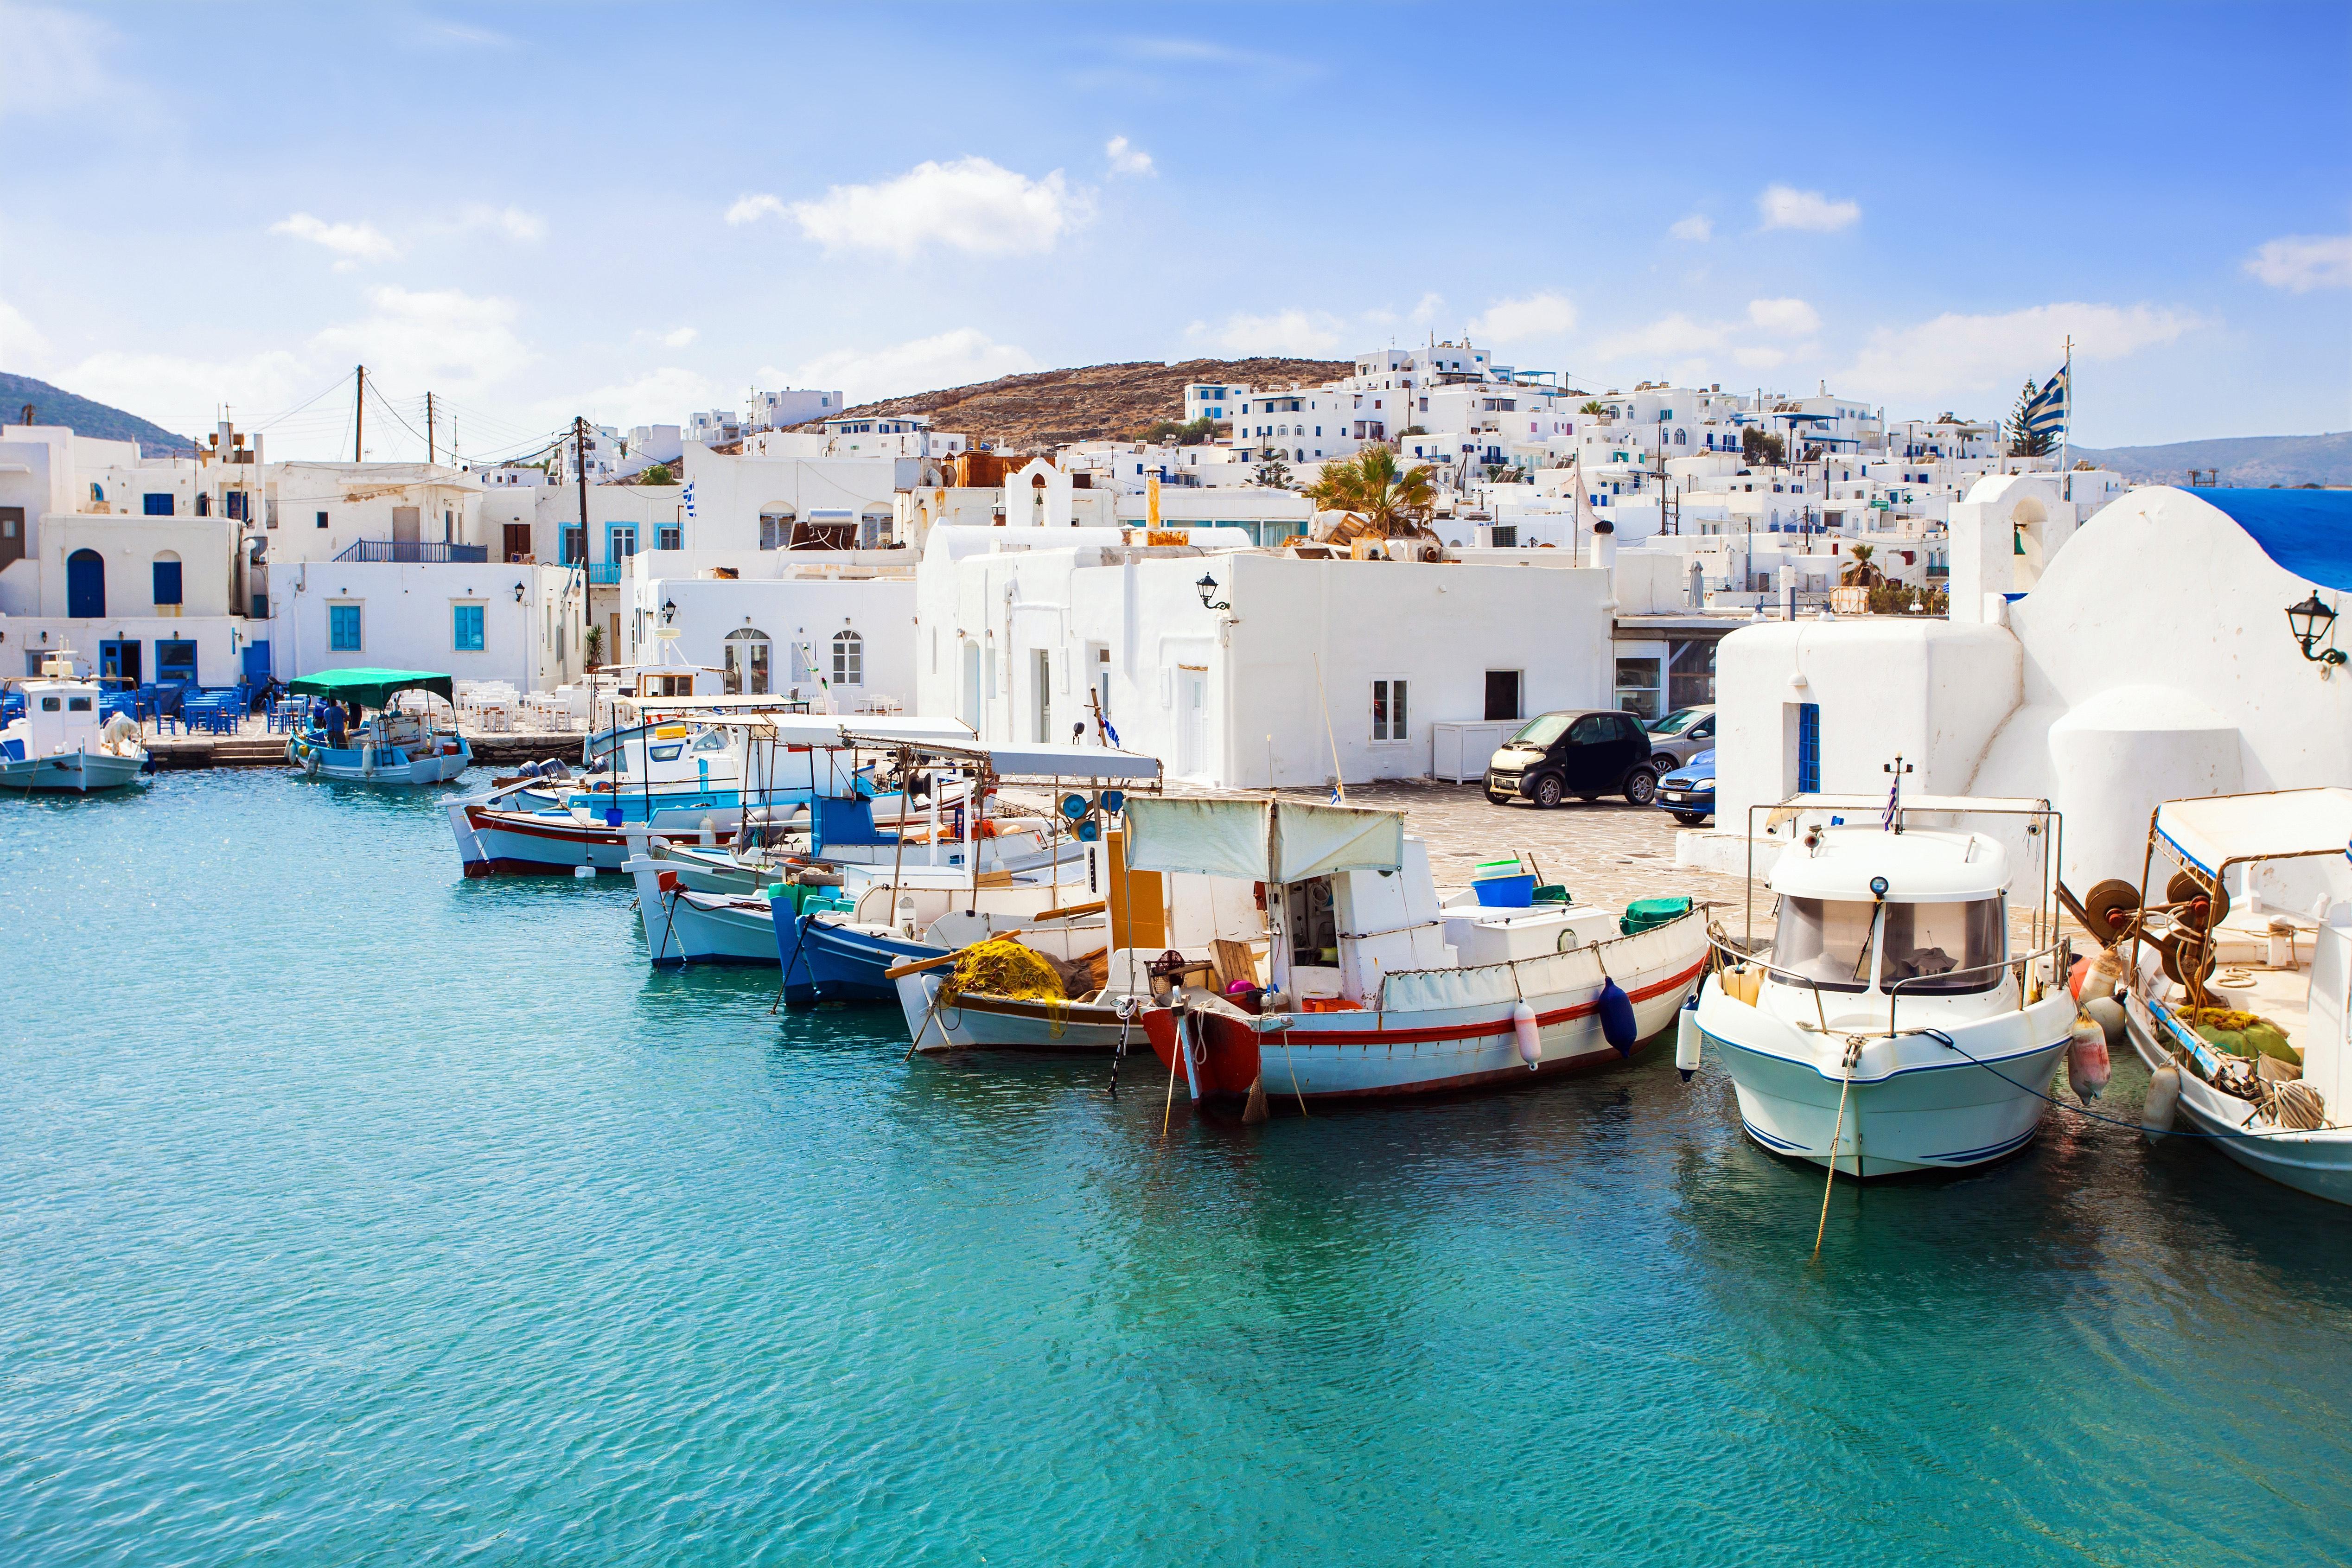 où partir en grece cette année